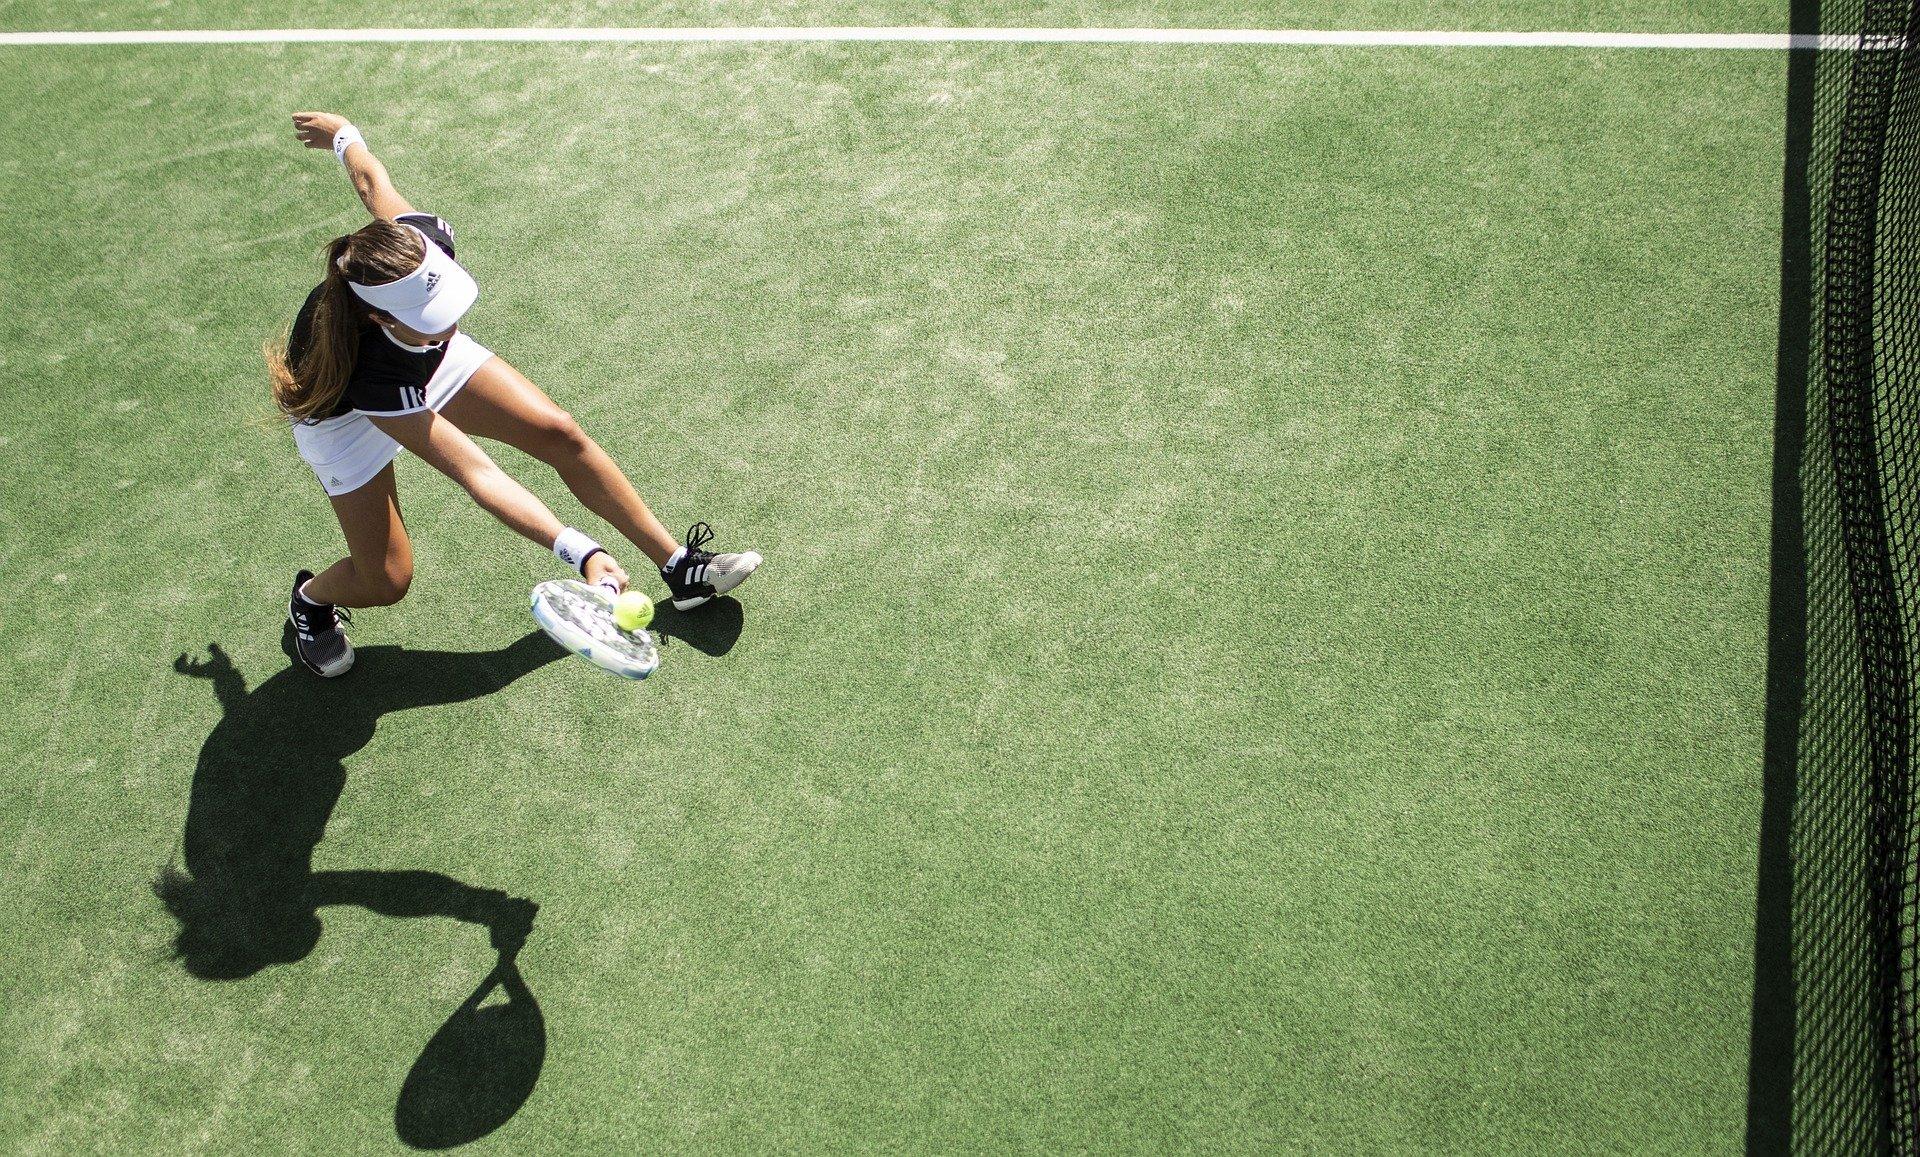 Ripartono i corsi di tennis: dal 26 aprile